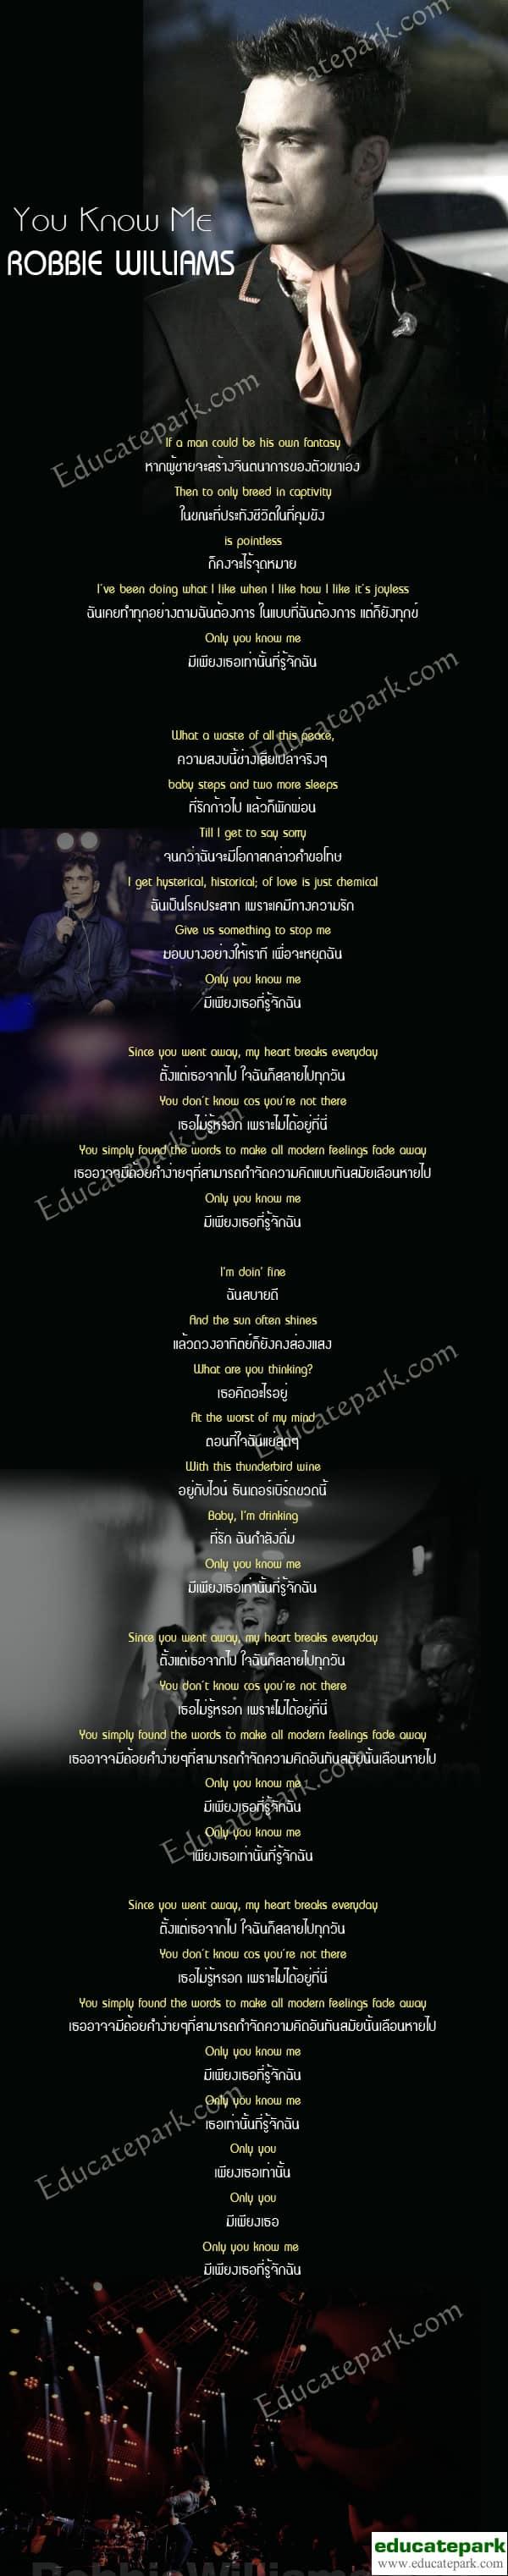 แปลเพลง You Know Me - Robbie Williams